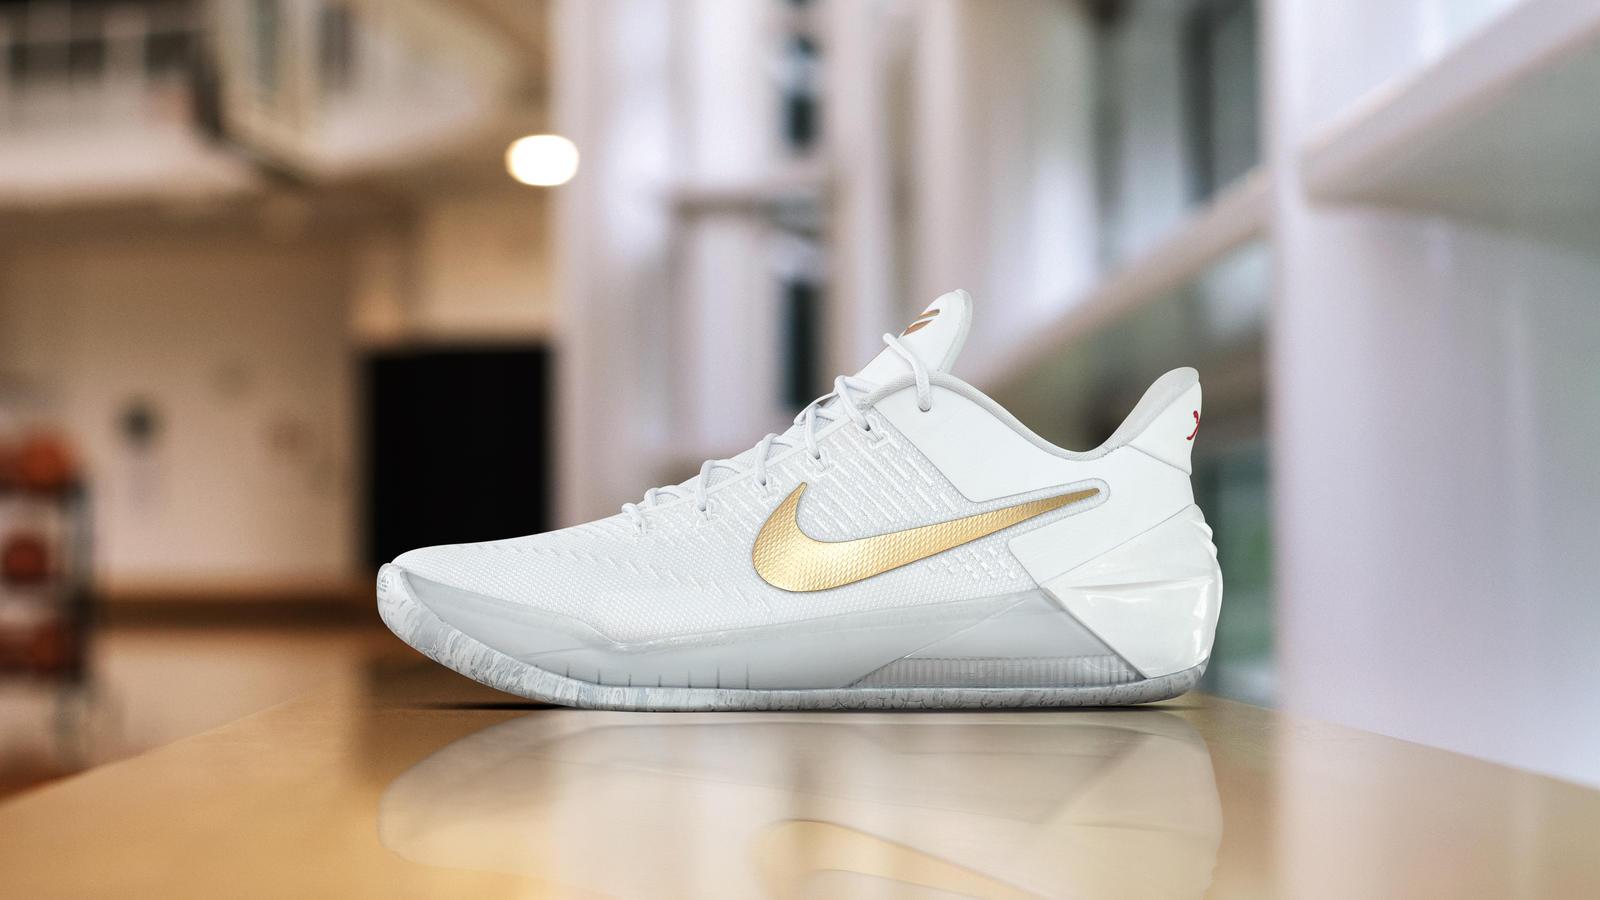 Nike Kobe A.D. PE